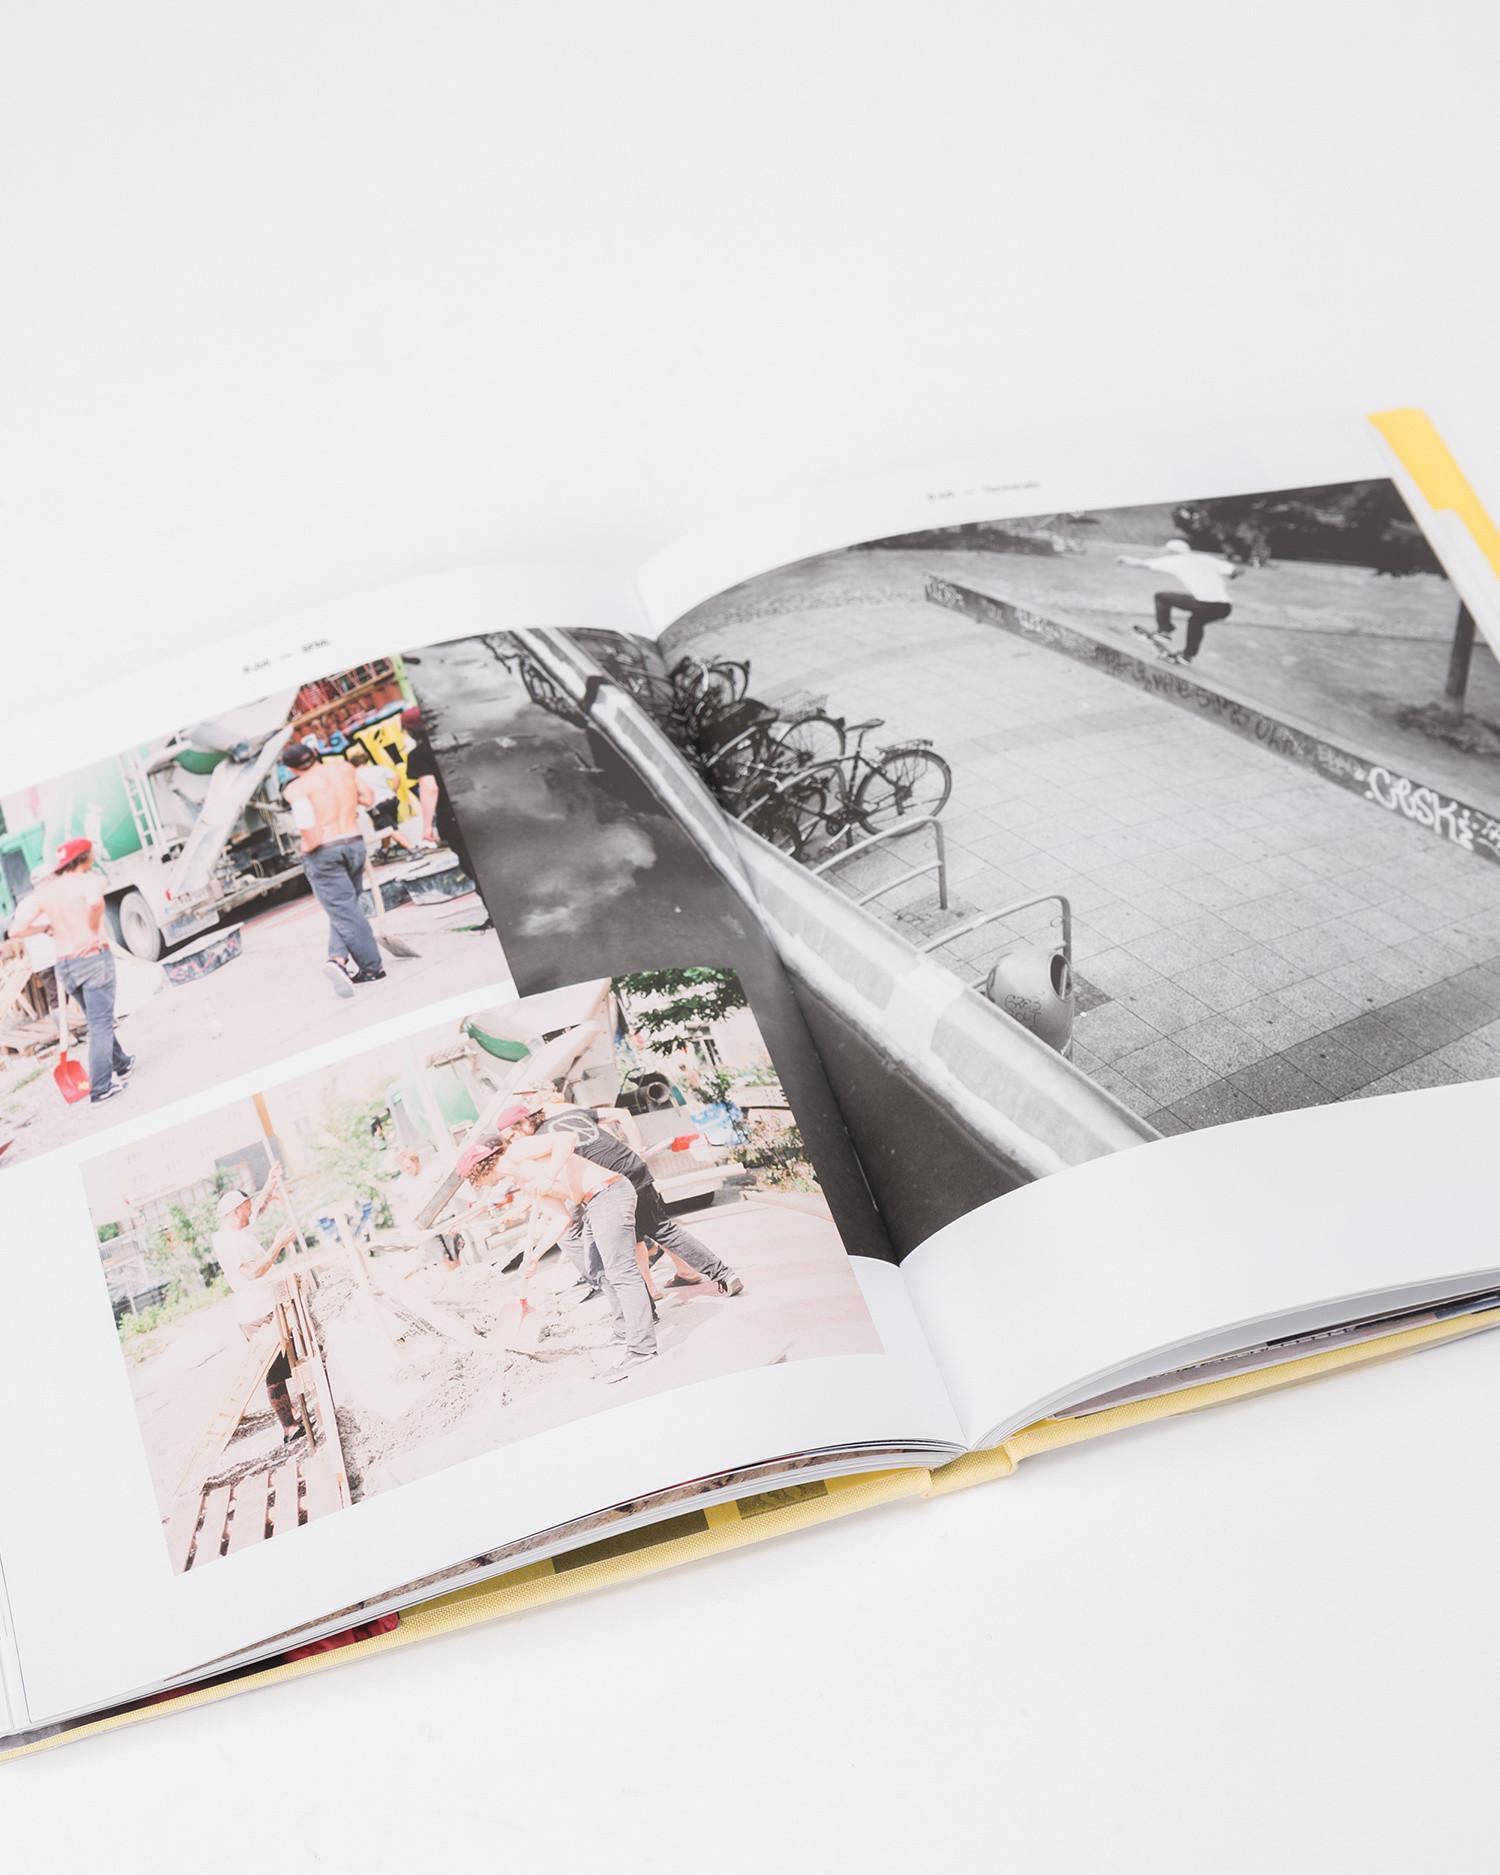 Aus Berlin Yearbook MMXV 2015